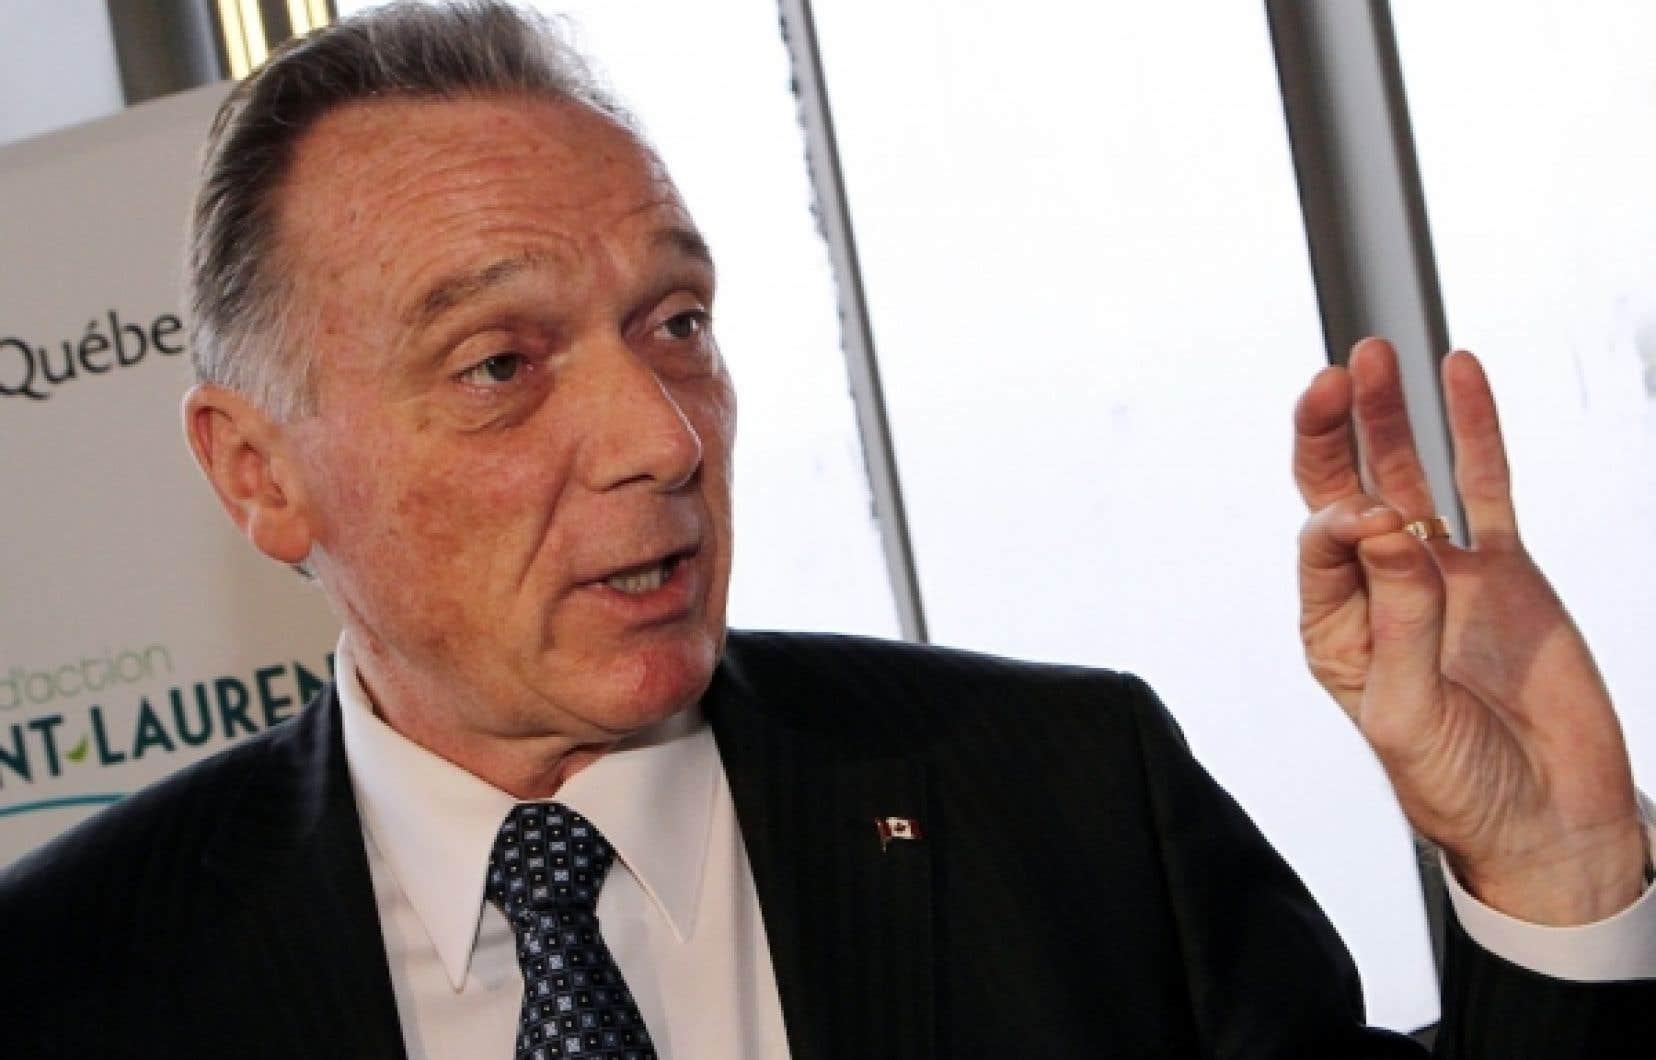 Peter Kent a signalé qu'il suivrait avec attention les propositions mises de l'avant par la délégation chinoise à Durban, mais que cela n'affectera en rien la position canadienne à l'égard de Kyoto.